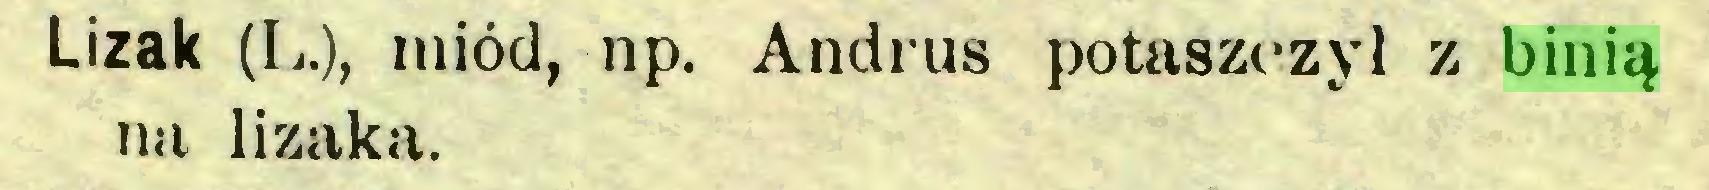 (...) Lizak (L.), miód, np. Andrus potaszczyl z binią na lizaka...